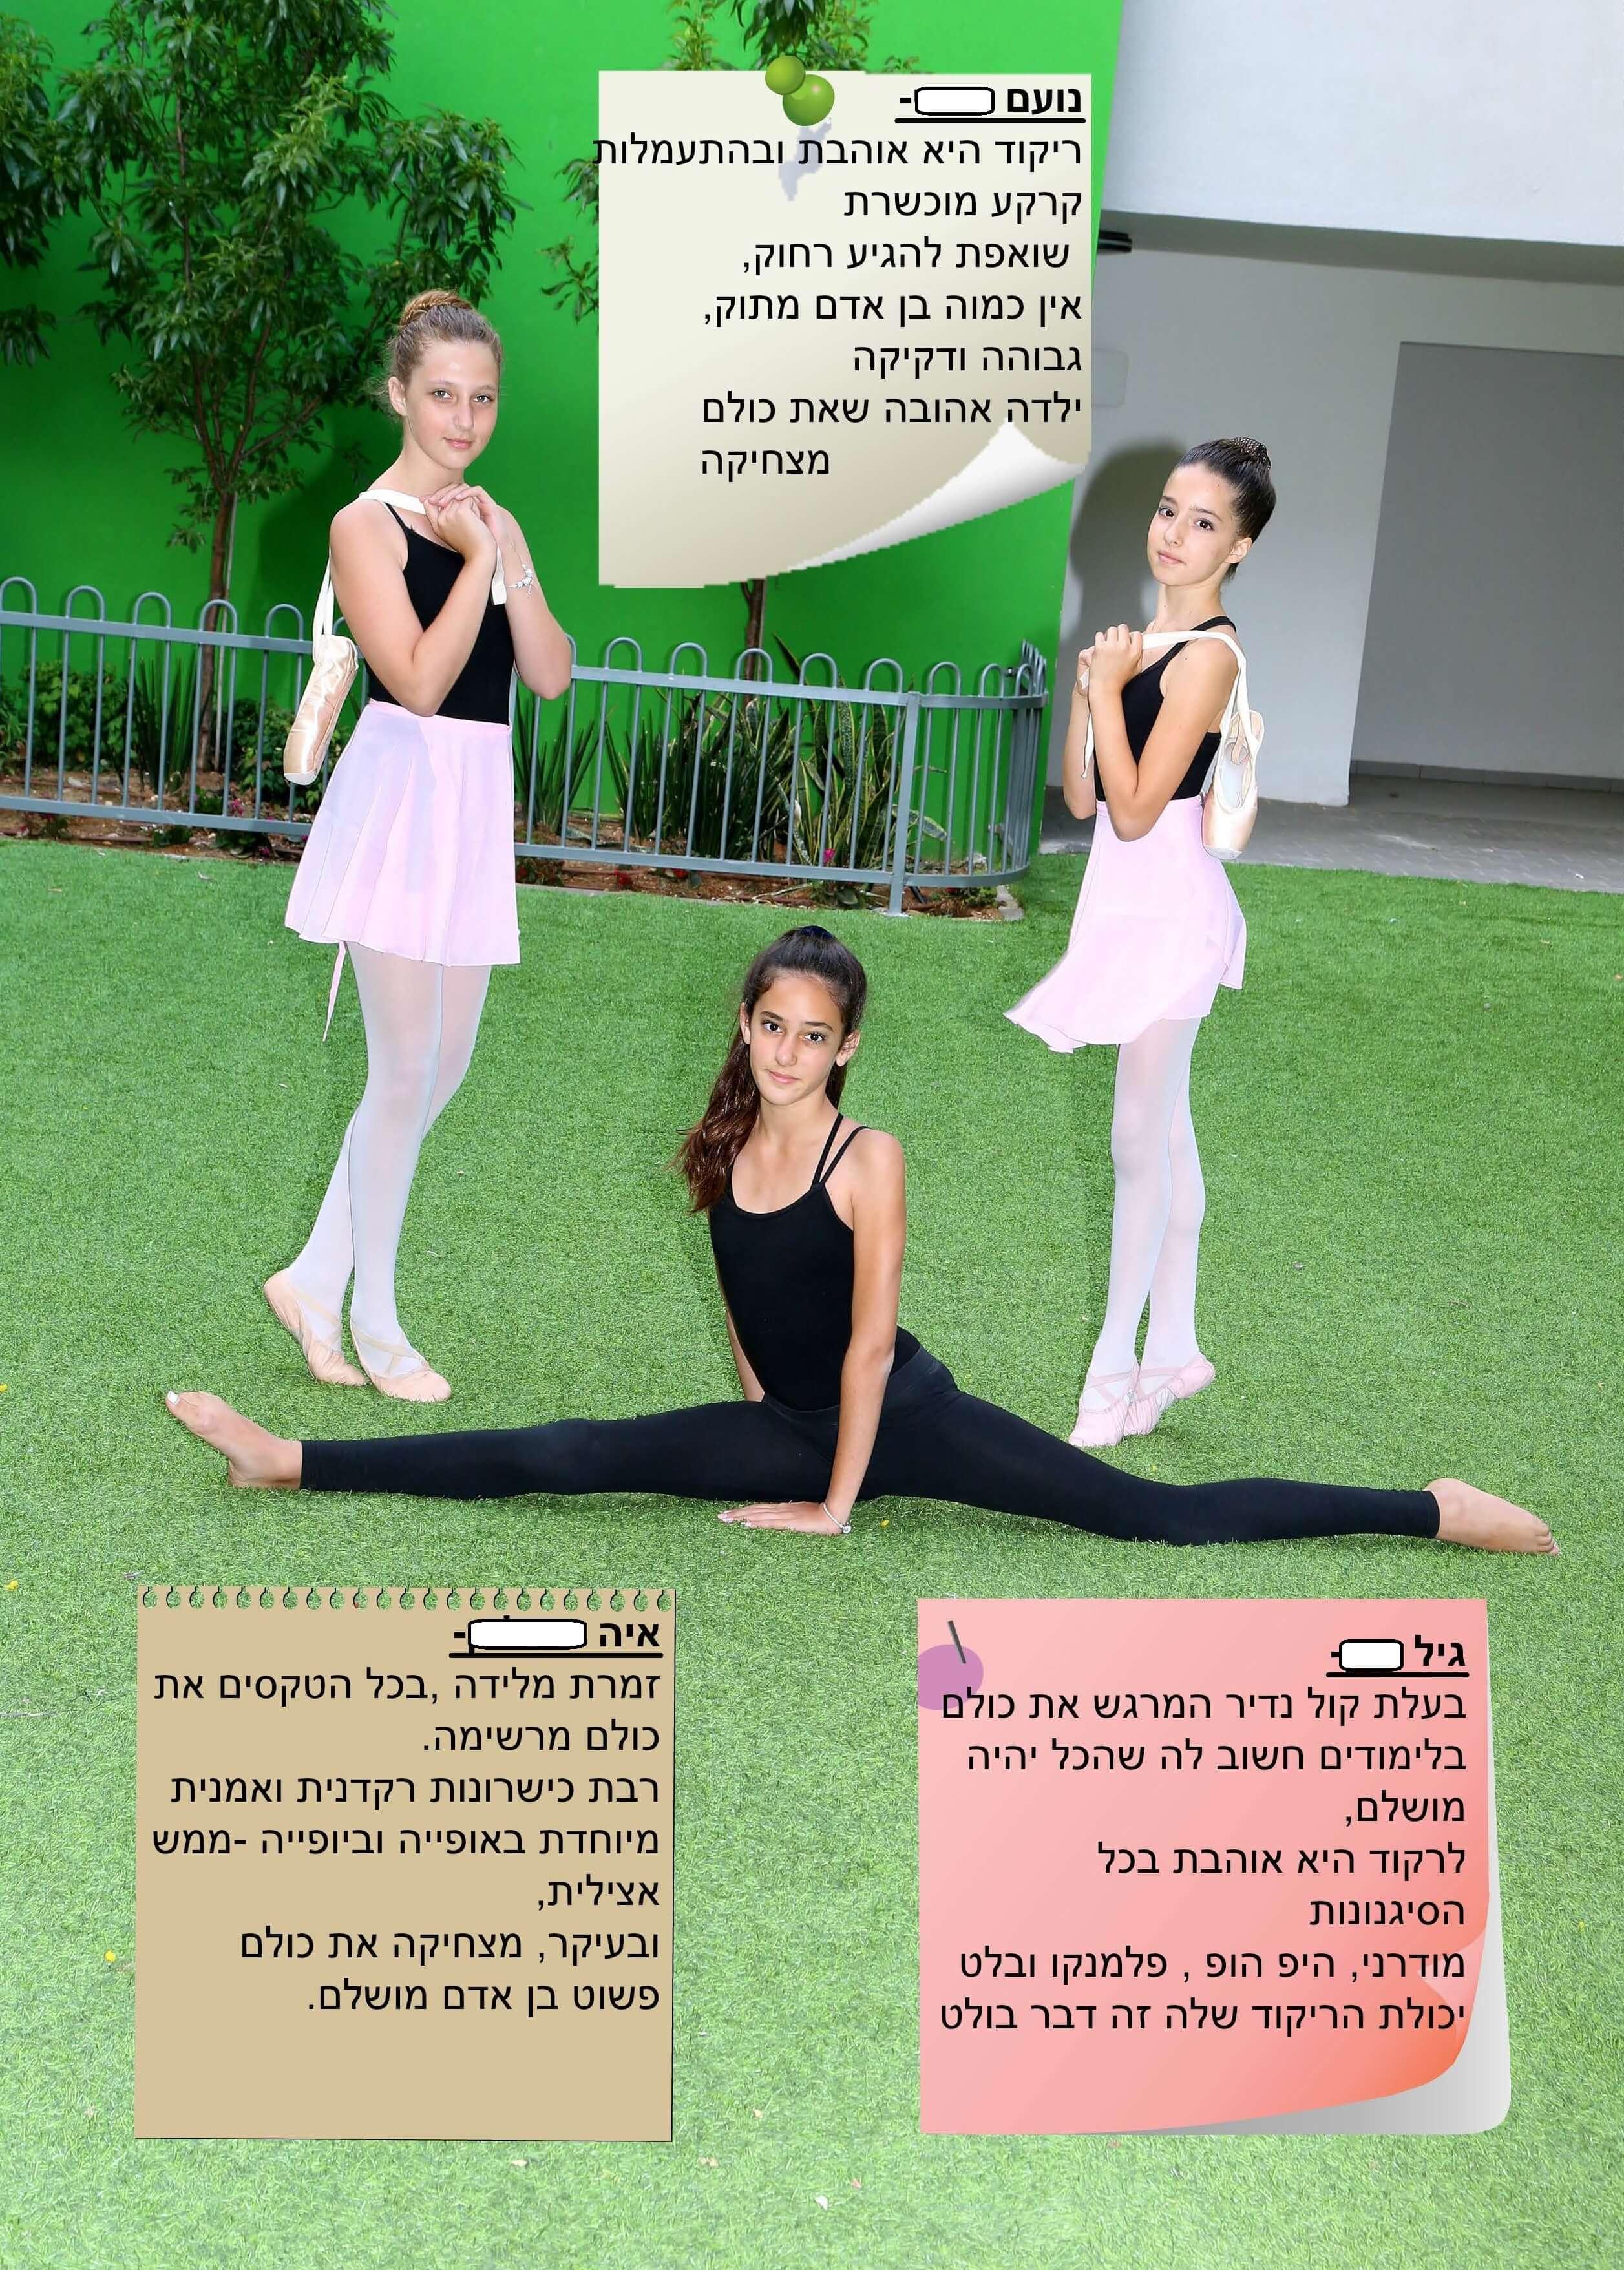 ספר מחזור רקדניות כיתה ו